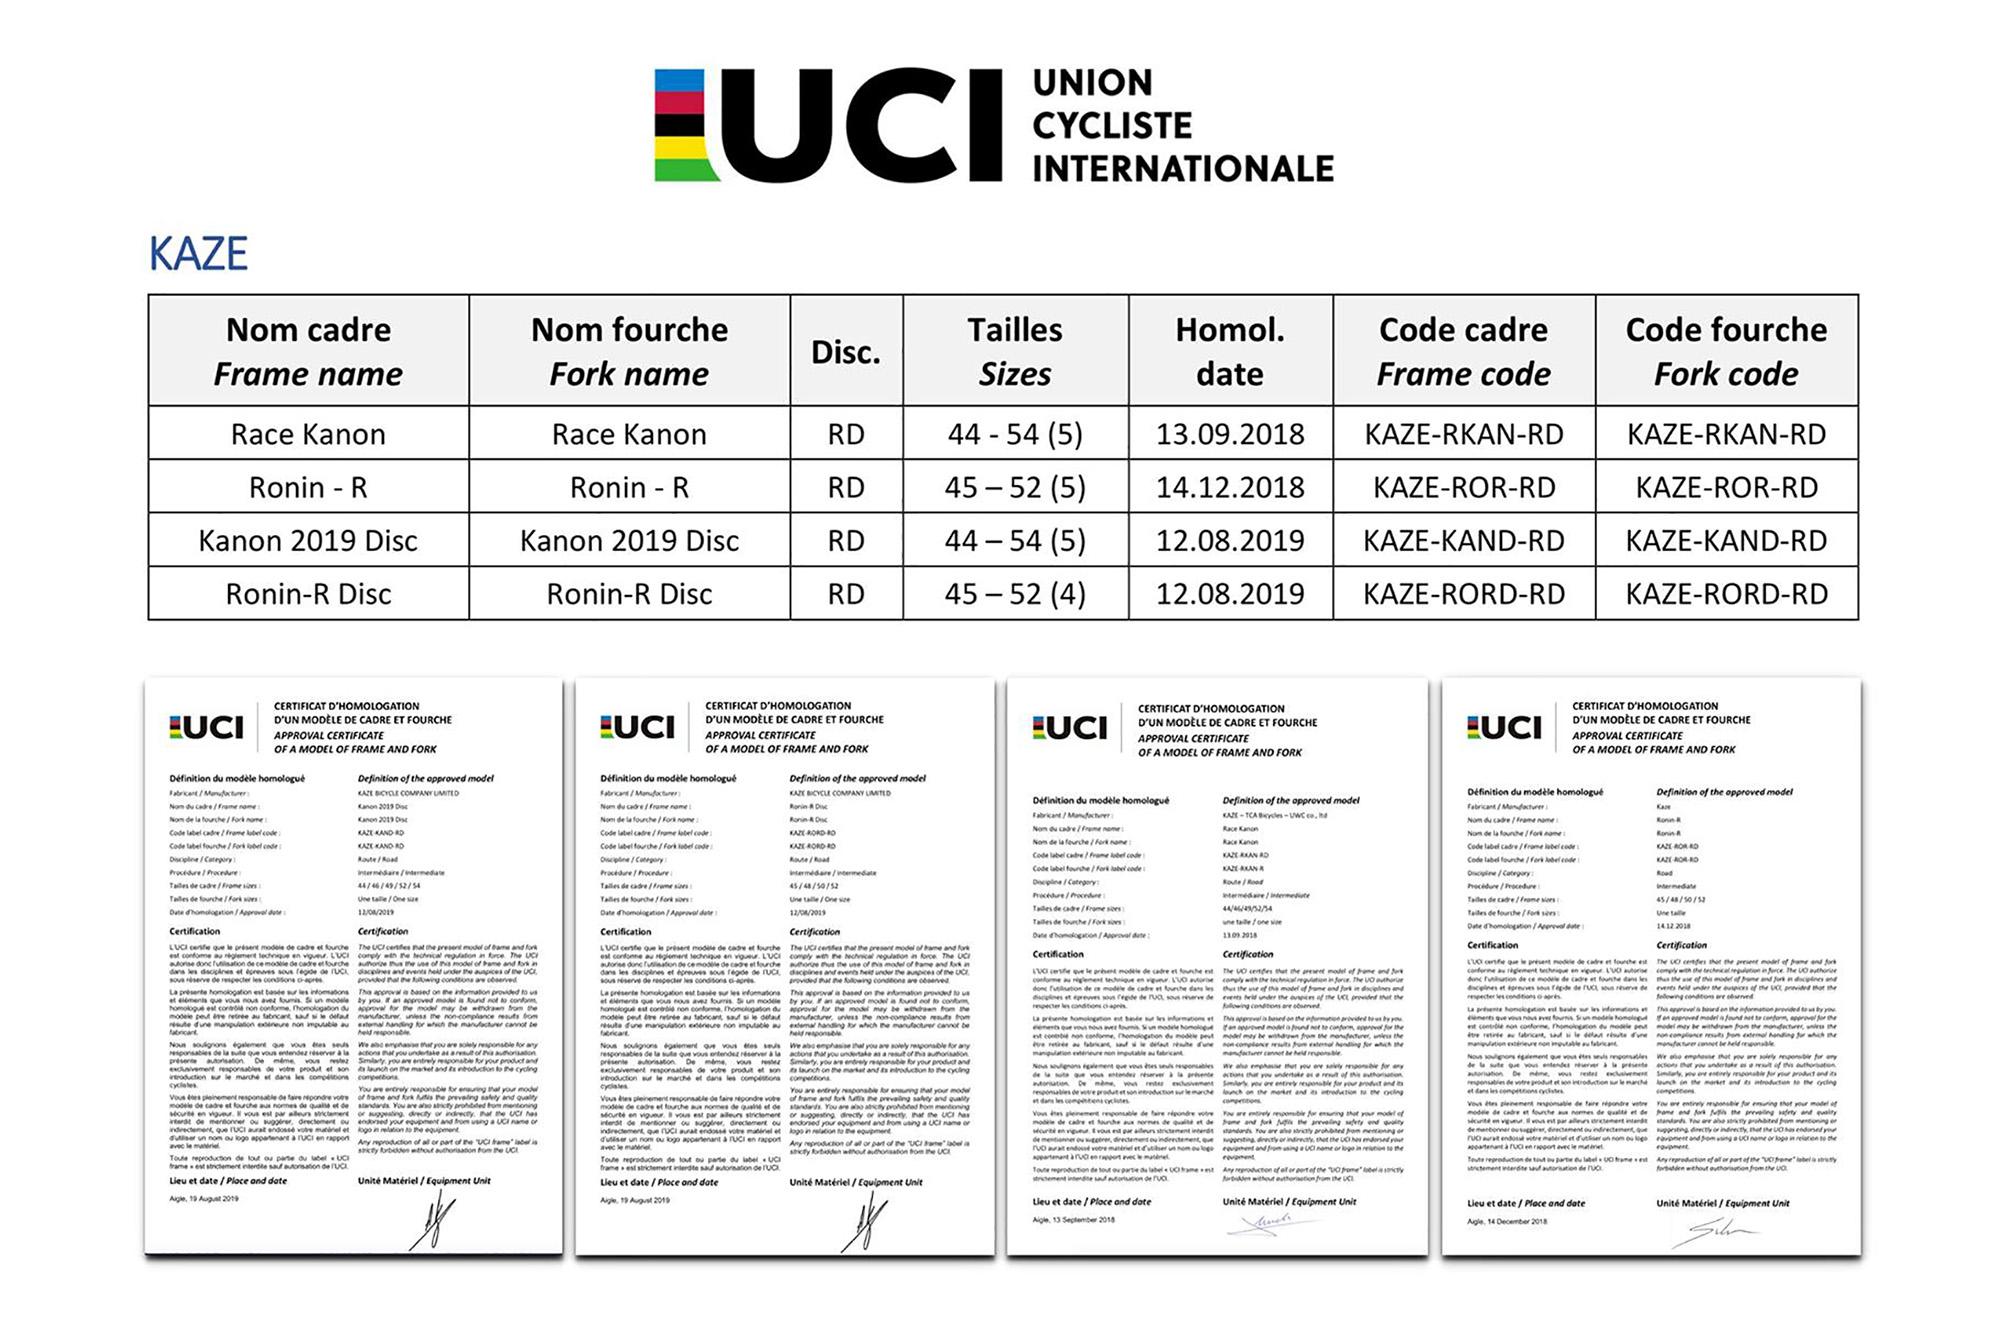 KAZE RACE ได้มาตรฐาน ของสหพันธ์จักรยานนานาชาติ หรือ UCI